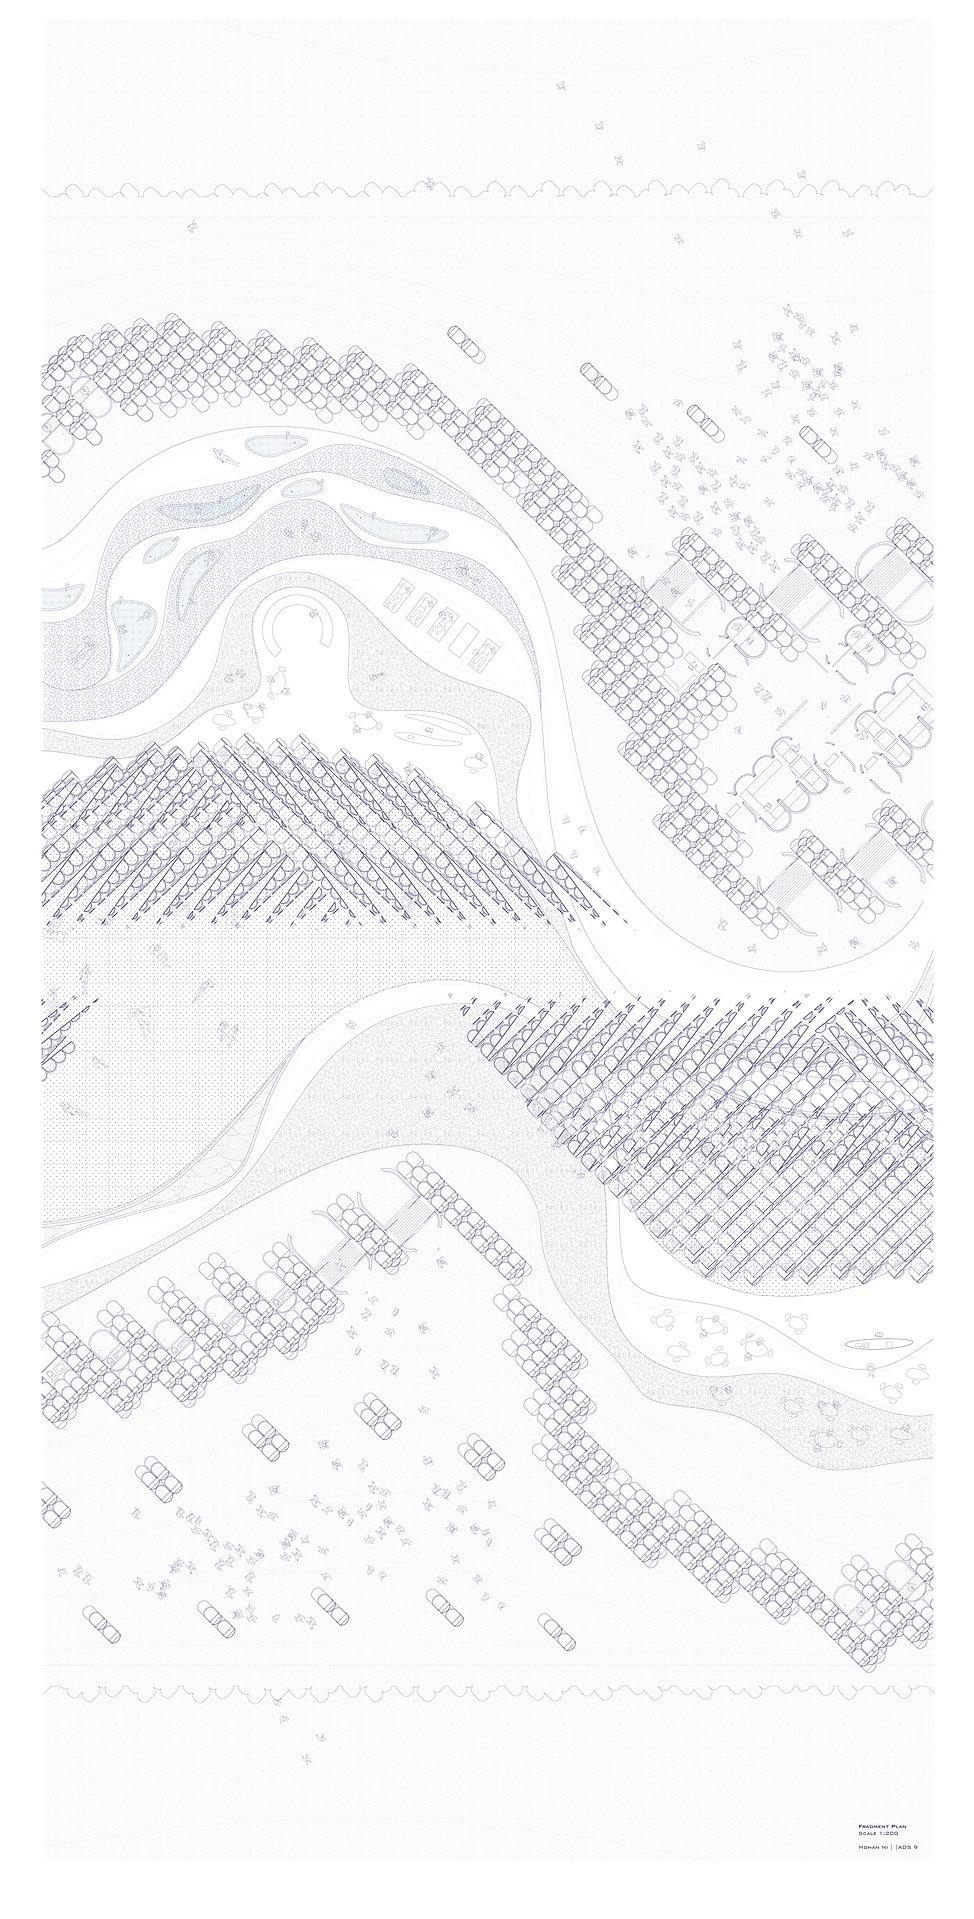 NI_MOHAN_Fragment Plan.jpg